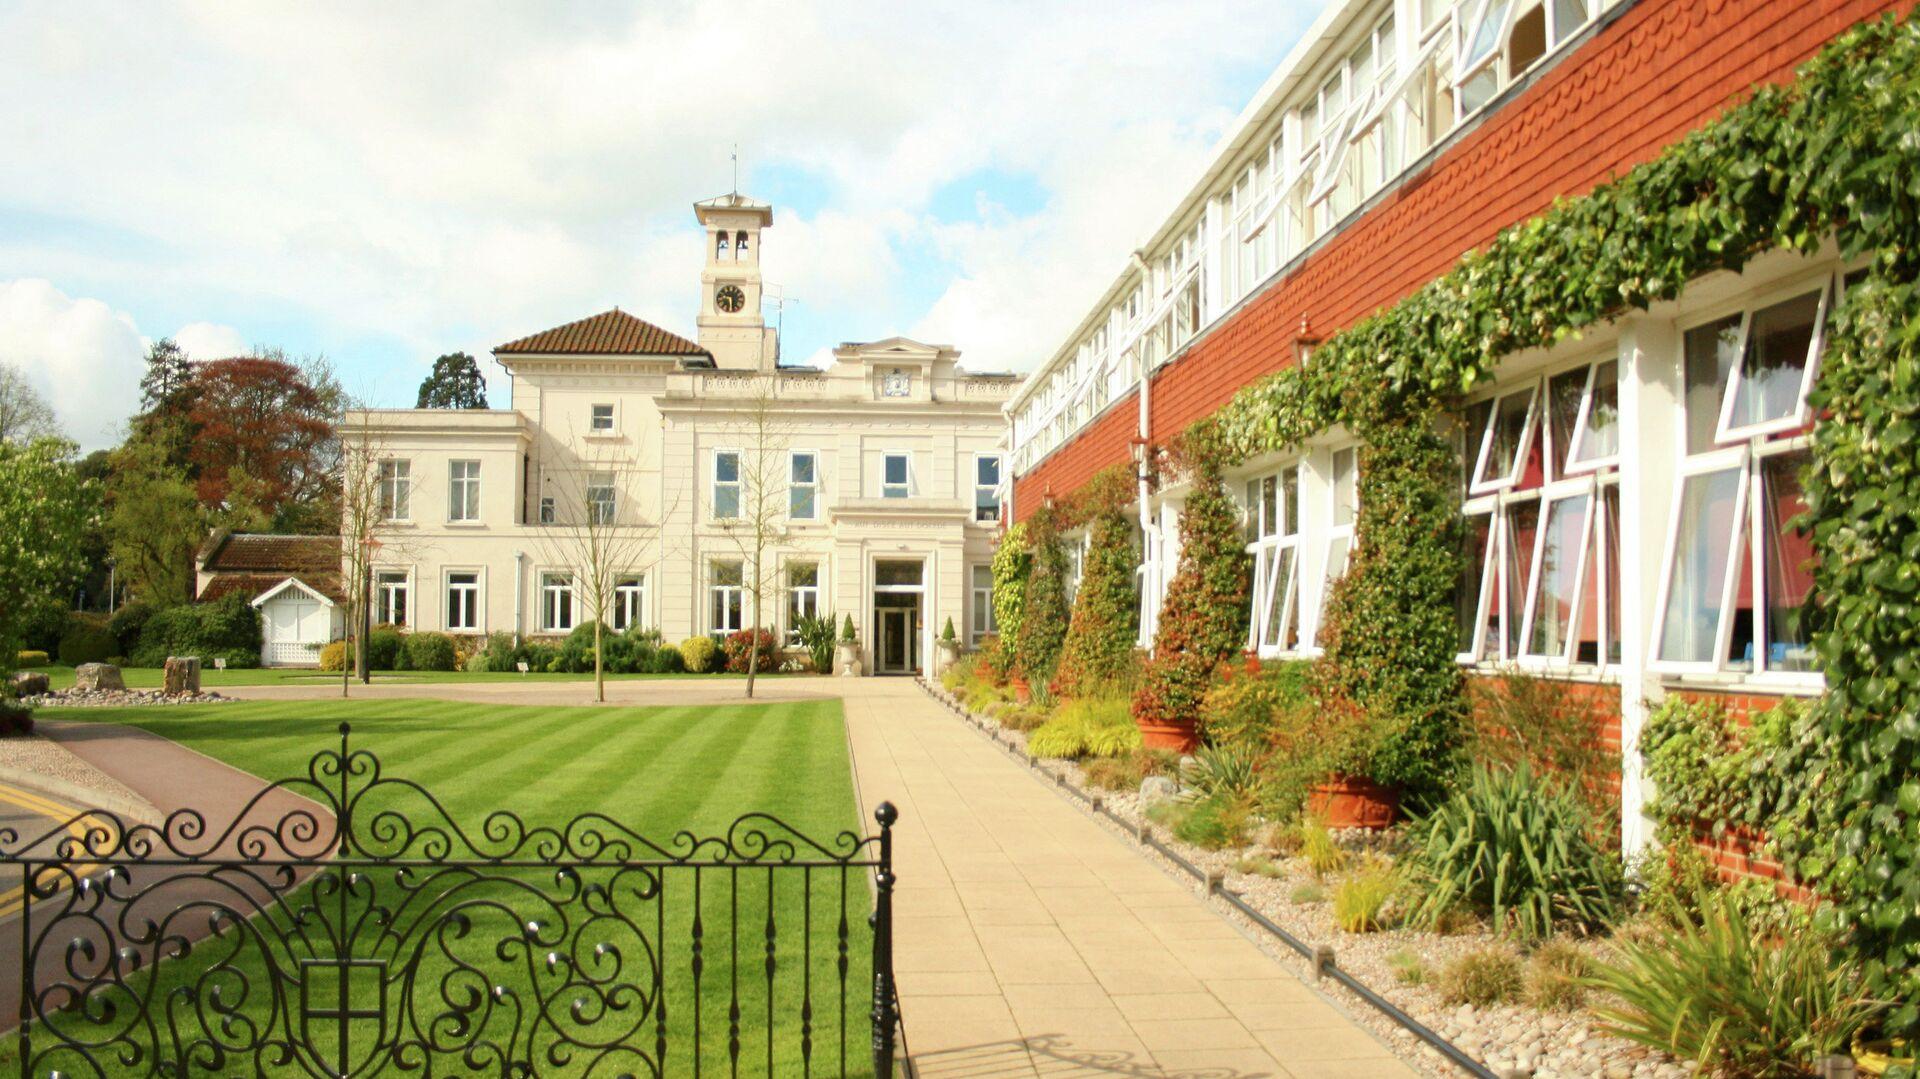 Здание школы St George в городе Вейбридж на юго-востоке Великобритании - РИА Новости, 1920, 06.01.2021